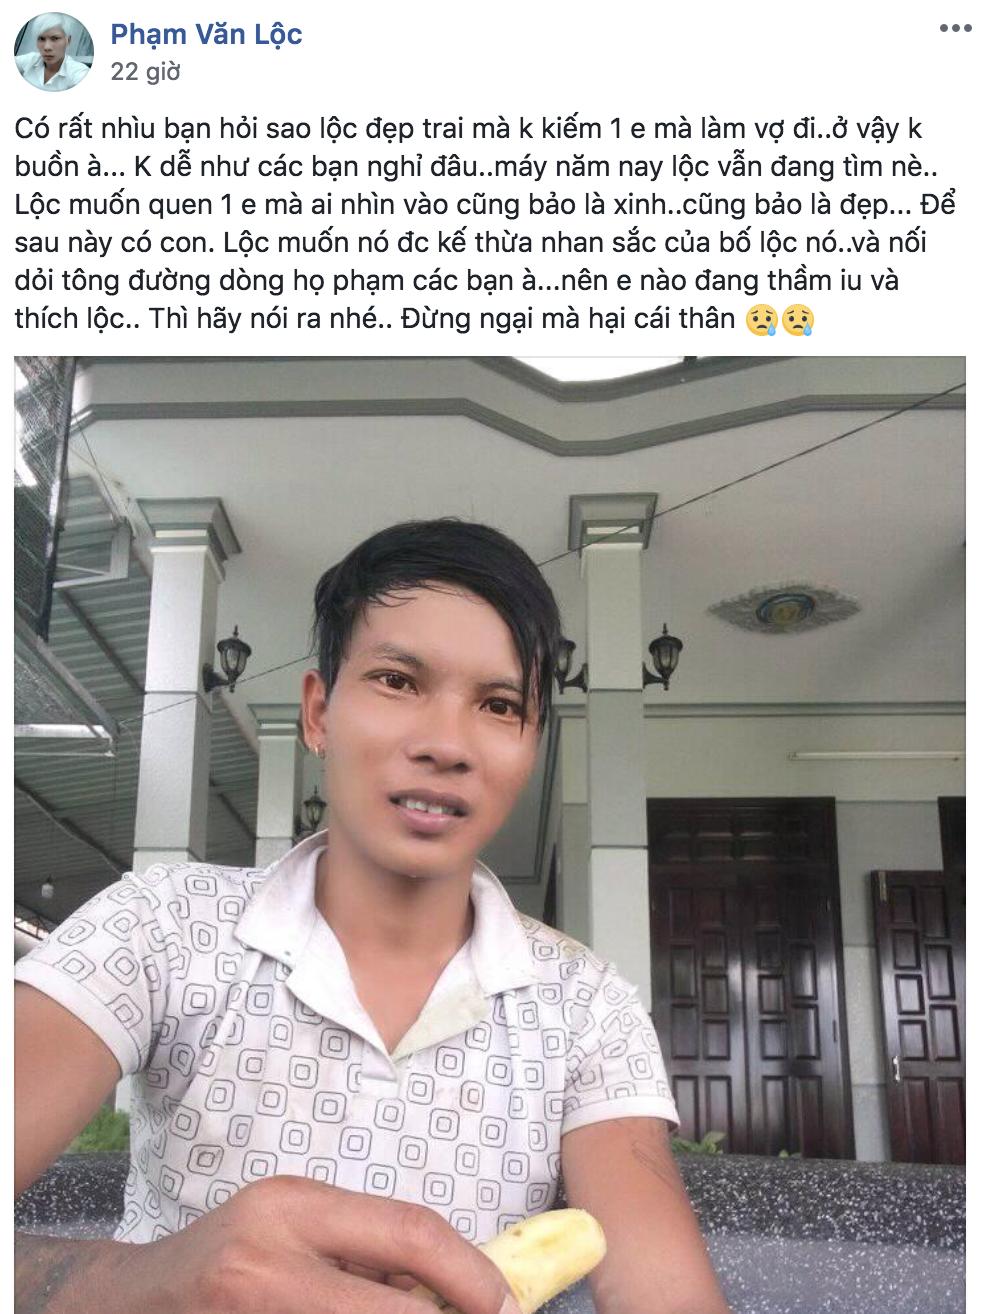 Lộc idol - chàng thợ hồ khí chất nhất Facebook đang khiến dân tình tự nguyện làm fan là ai? - Ảnh 5.